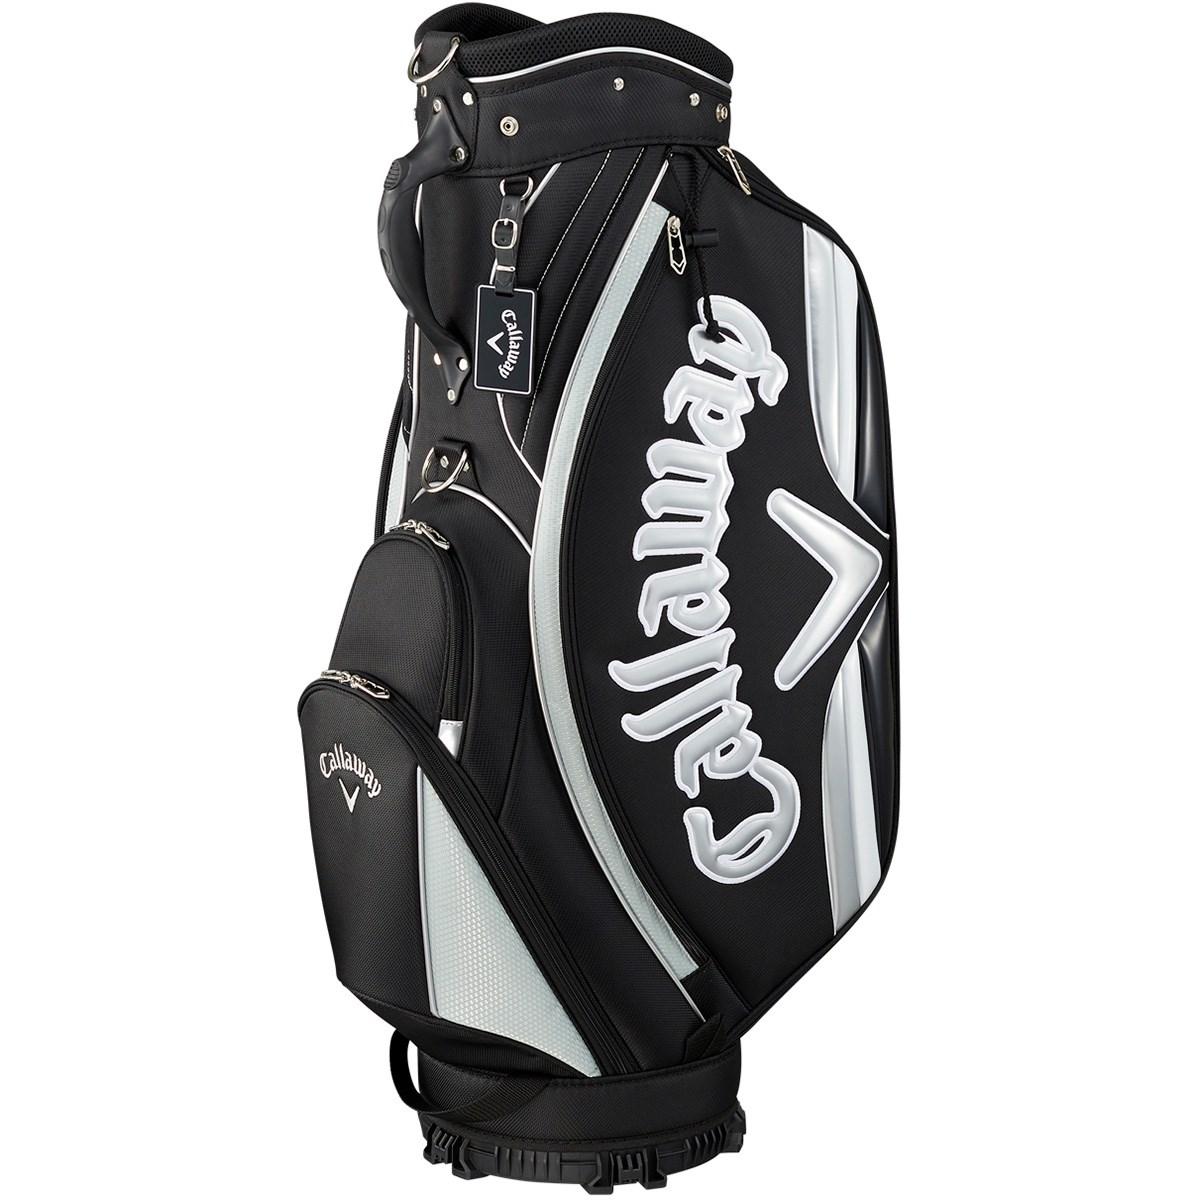 キャロウェイゴルフ(Callaway Golf) BG CT SPORT JM キャディバッグ